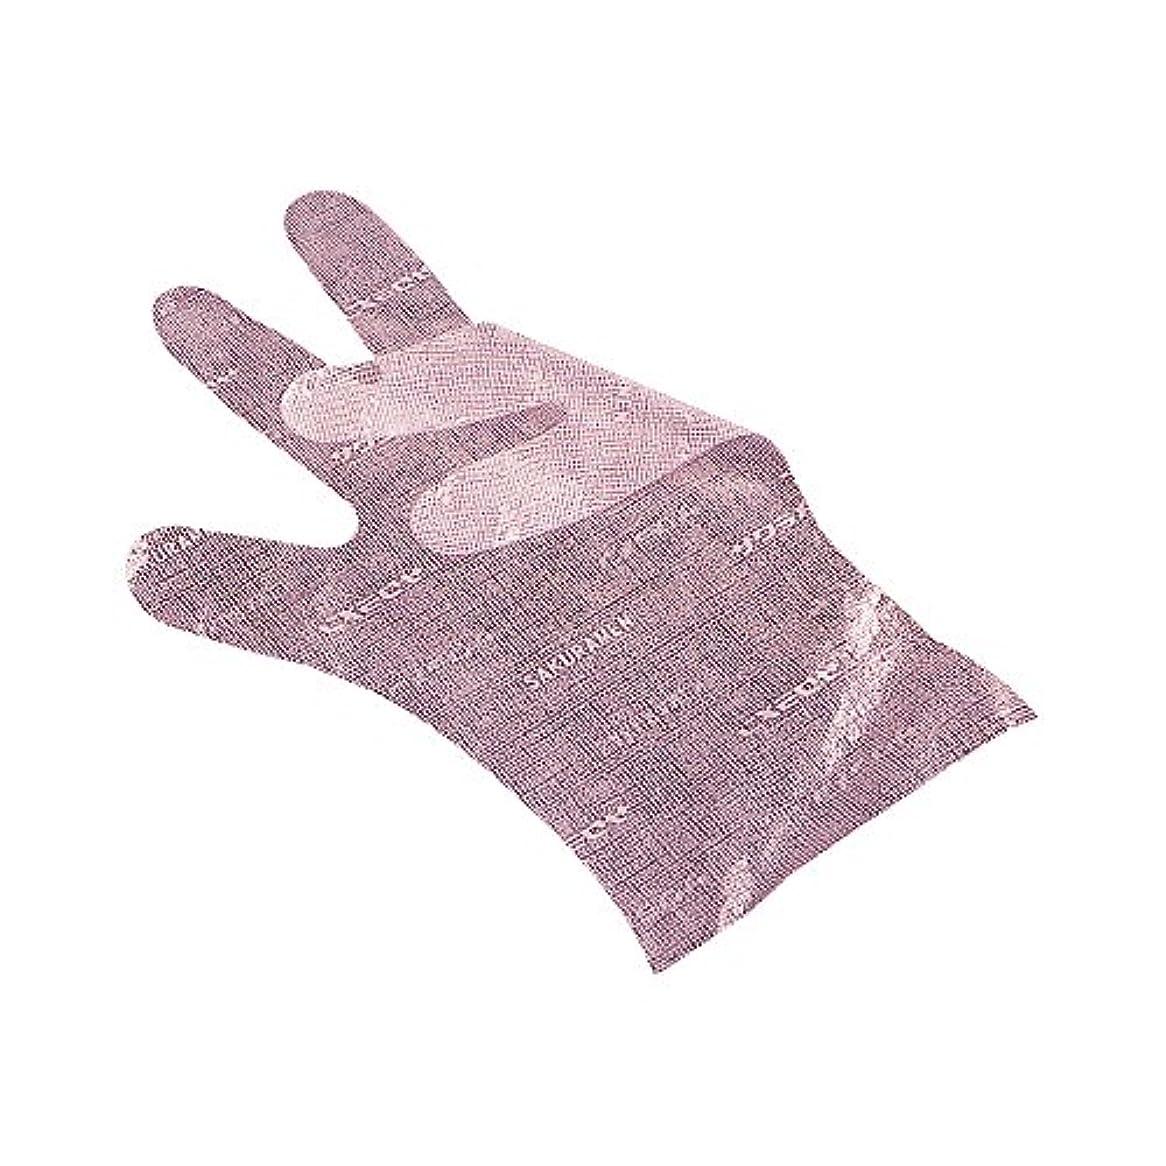 サクラメンエンボス手袋 デラックス ピンク S 100枚入